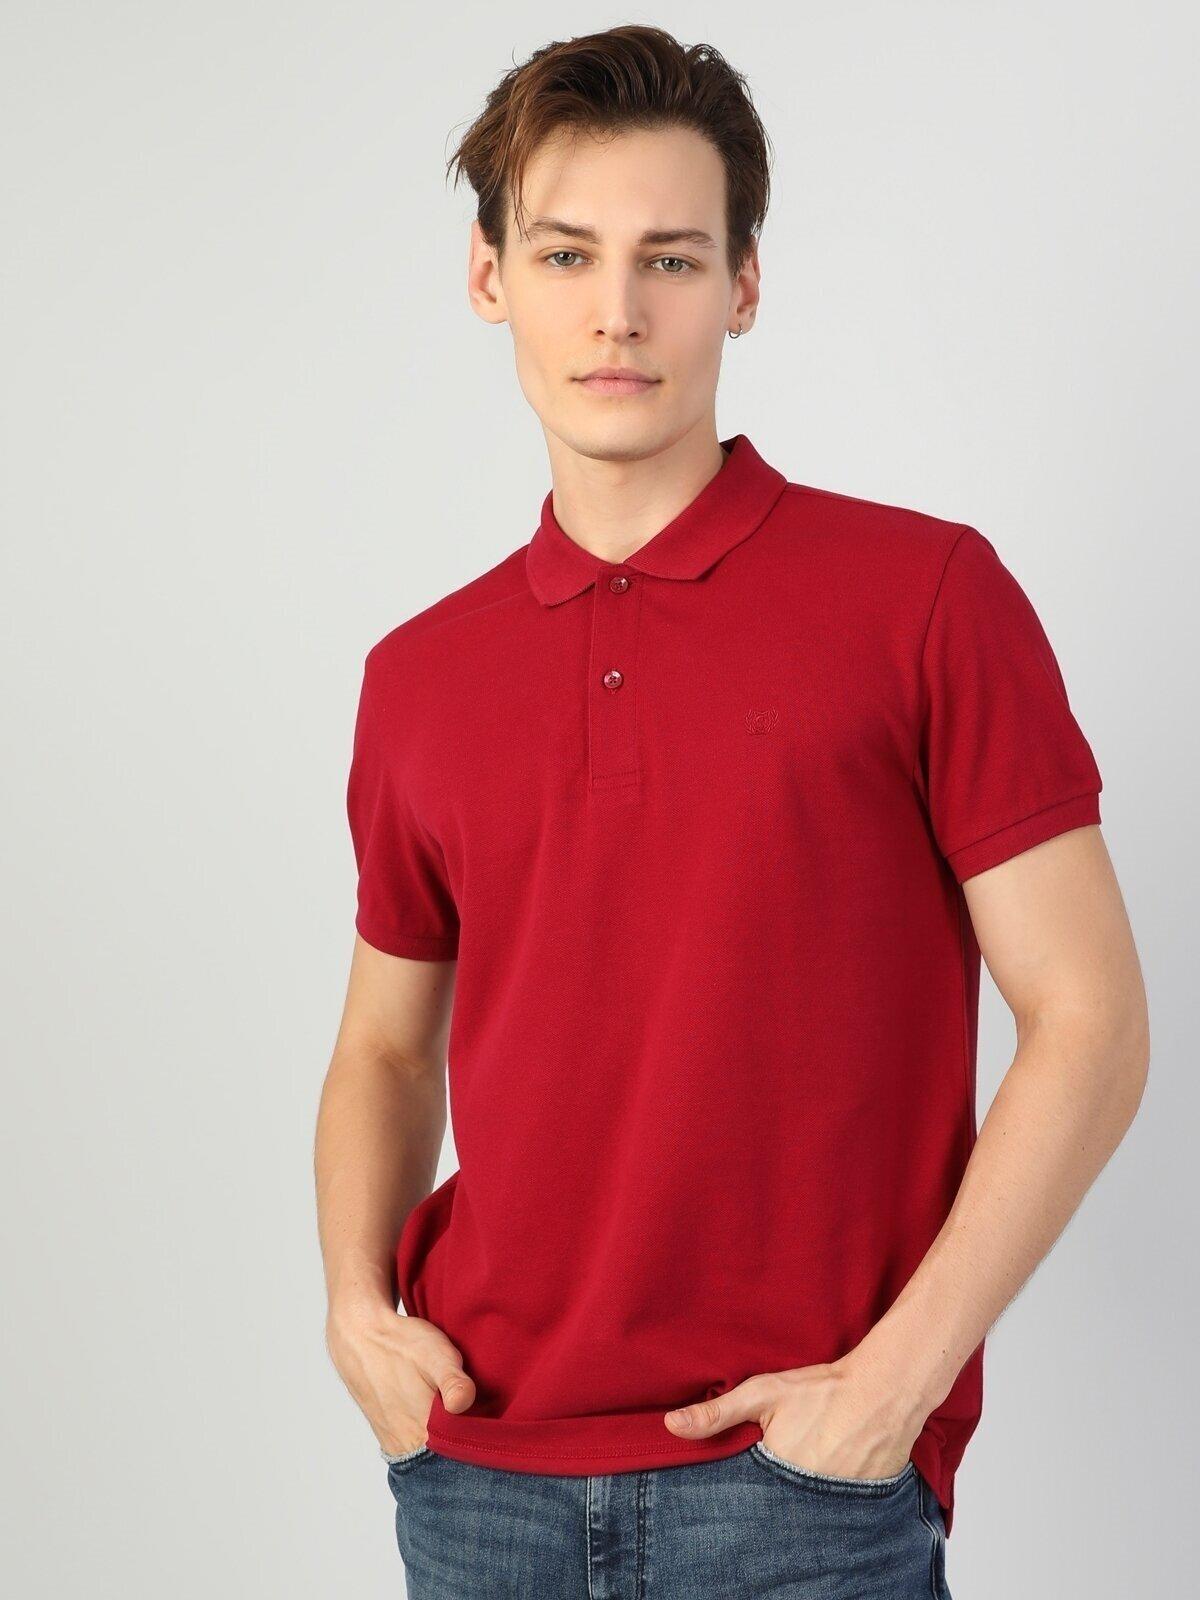 Regular Fit Polo Yaka Koyu Kırmızı Erkek Kısa Kol Tişört